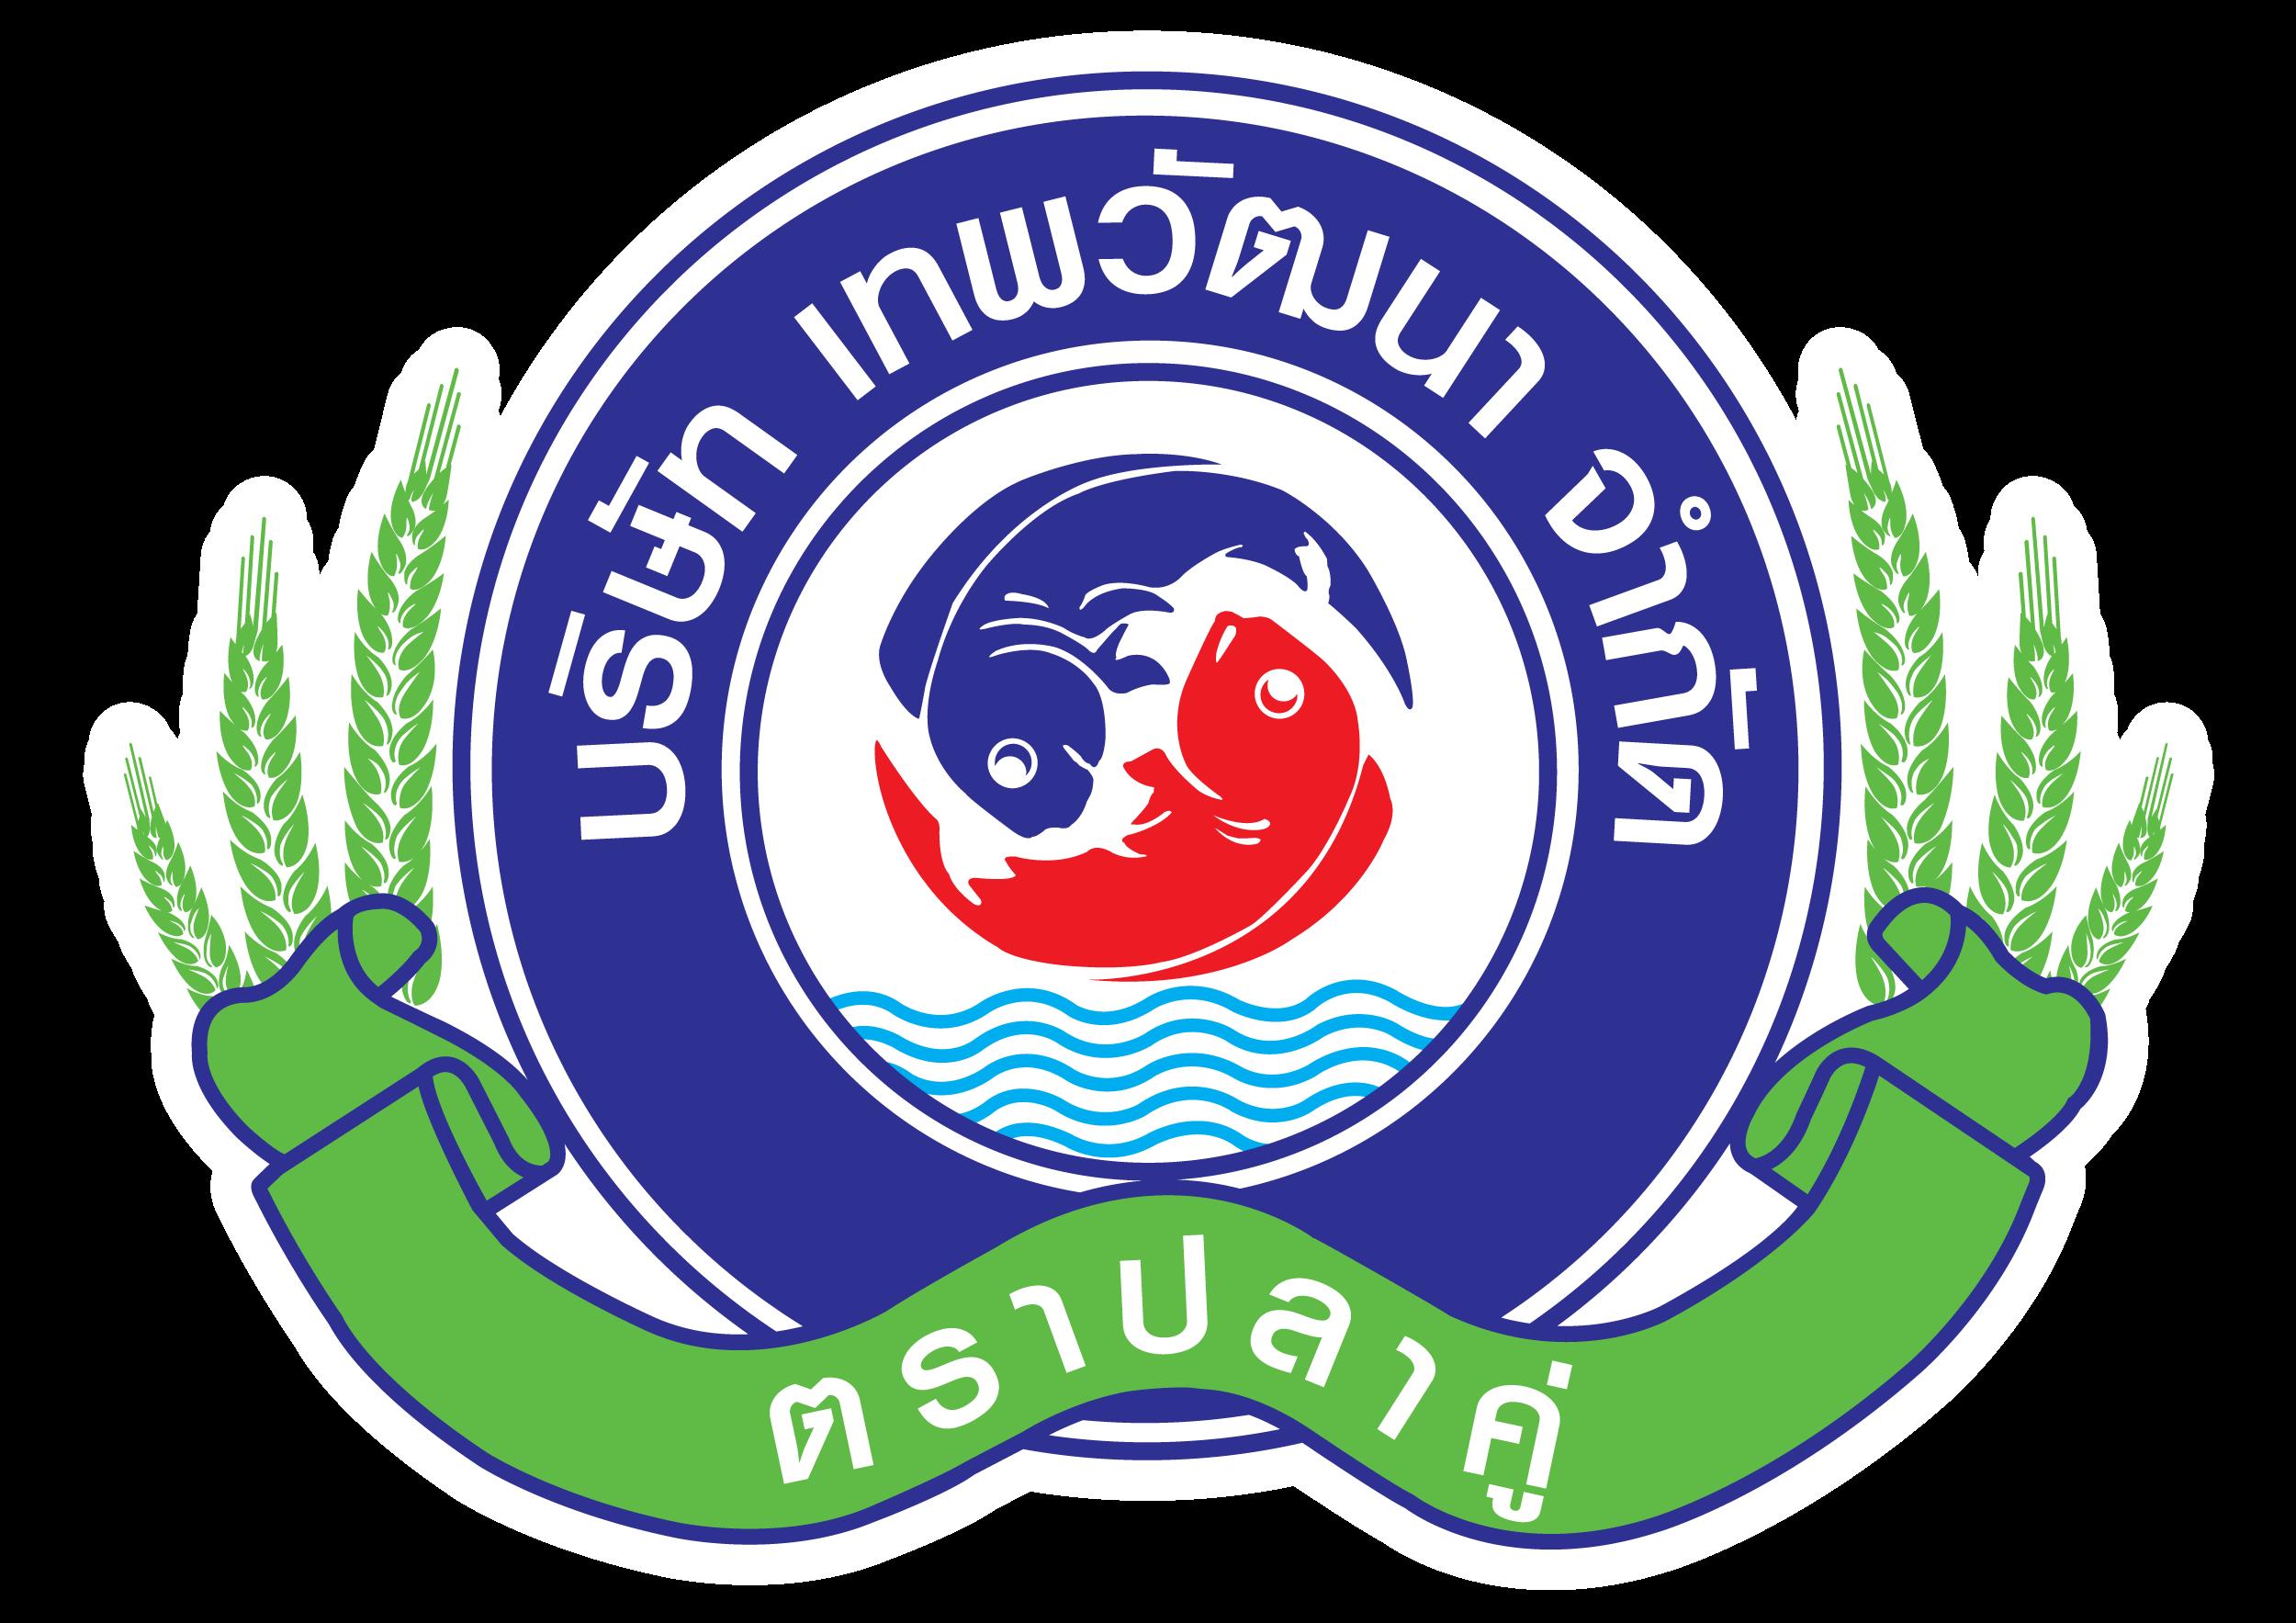 Thepwatana เพื่อนคู่คิด เคียงข้างเกษตรกร logo